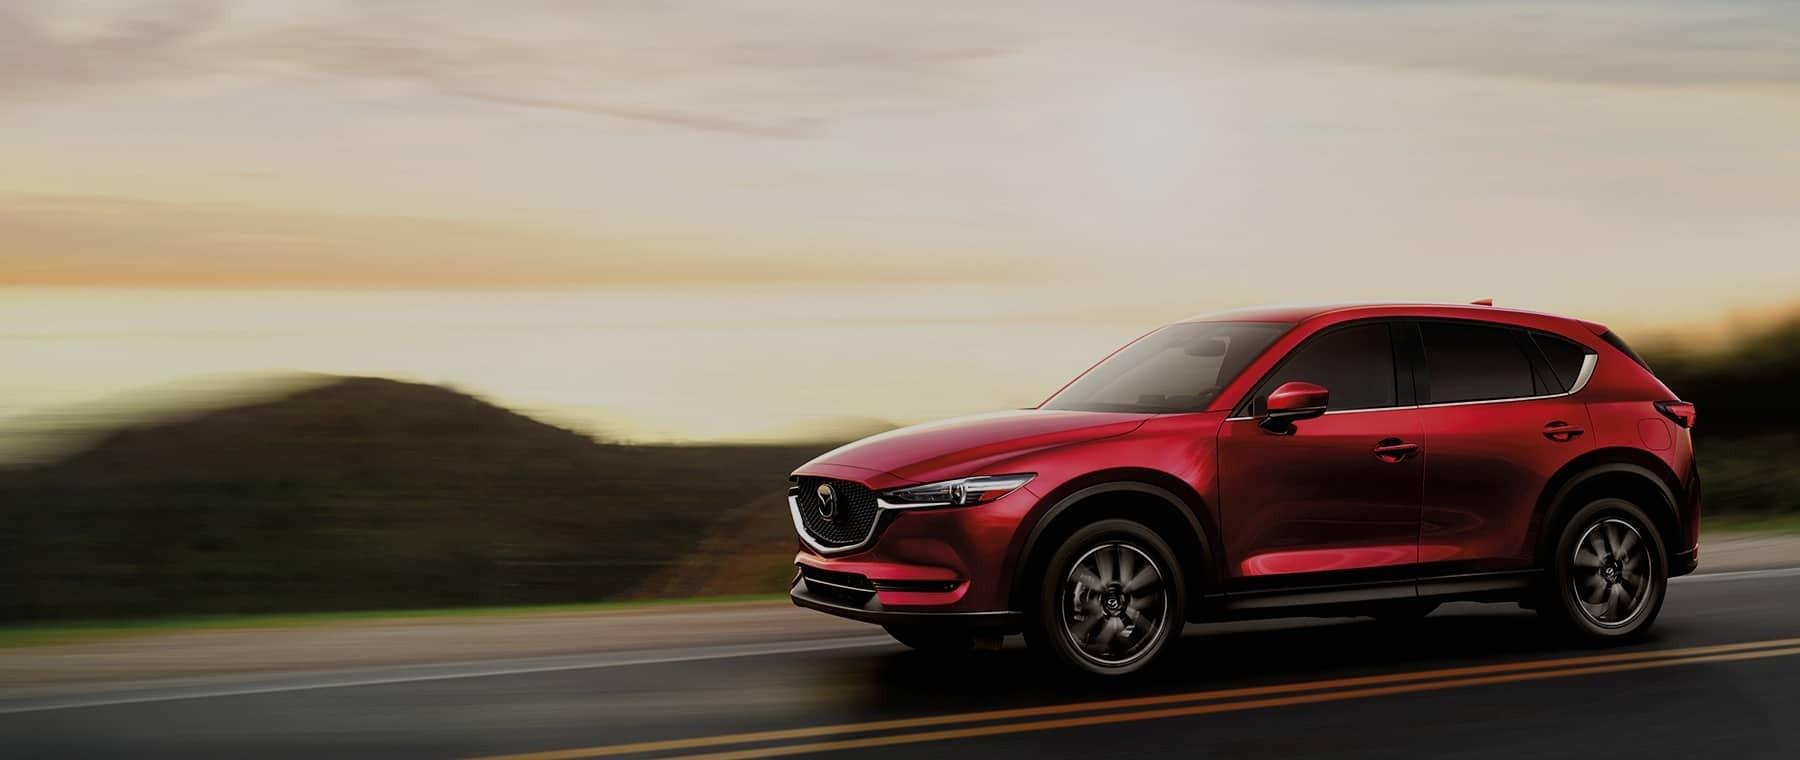 Mazda CX5